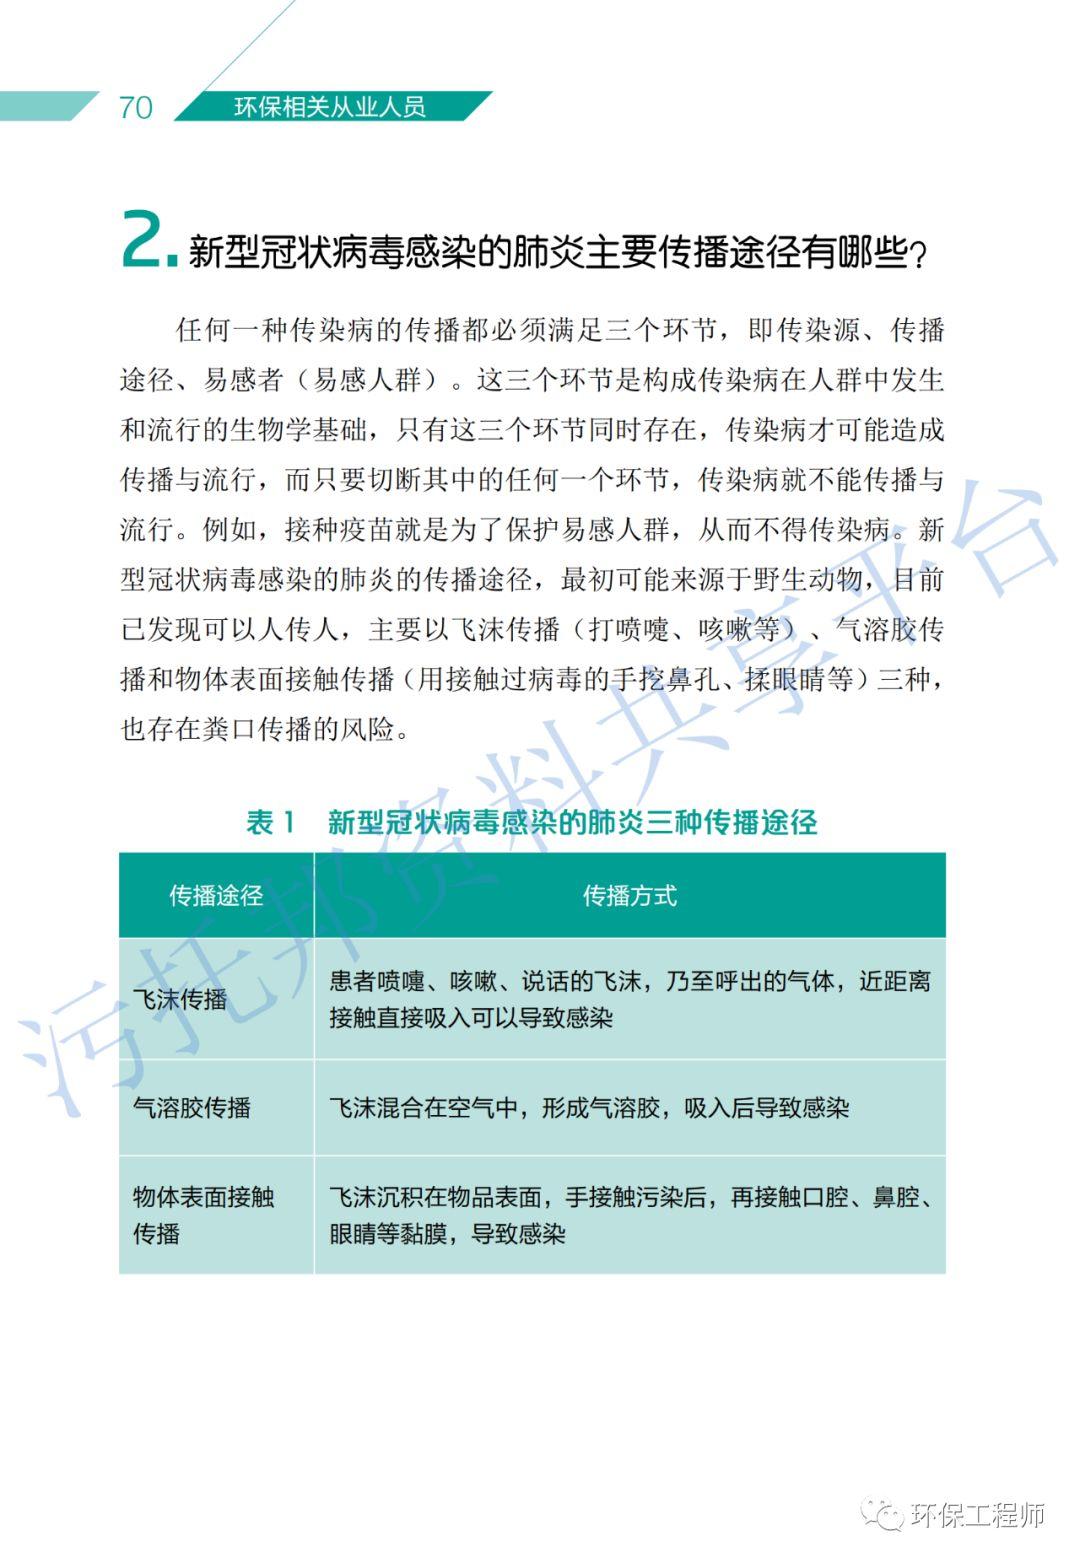 《环保从业人员新型冠状病毒疫情防护手册》_48